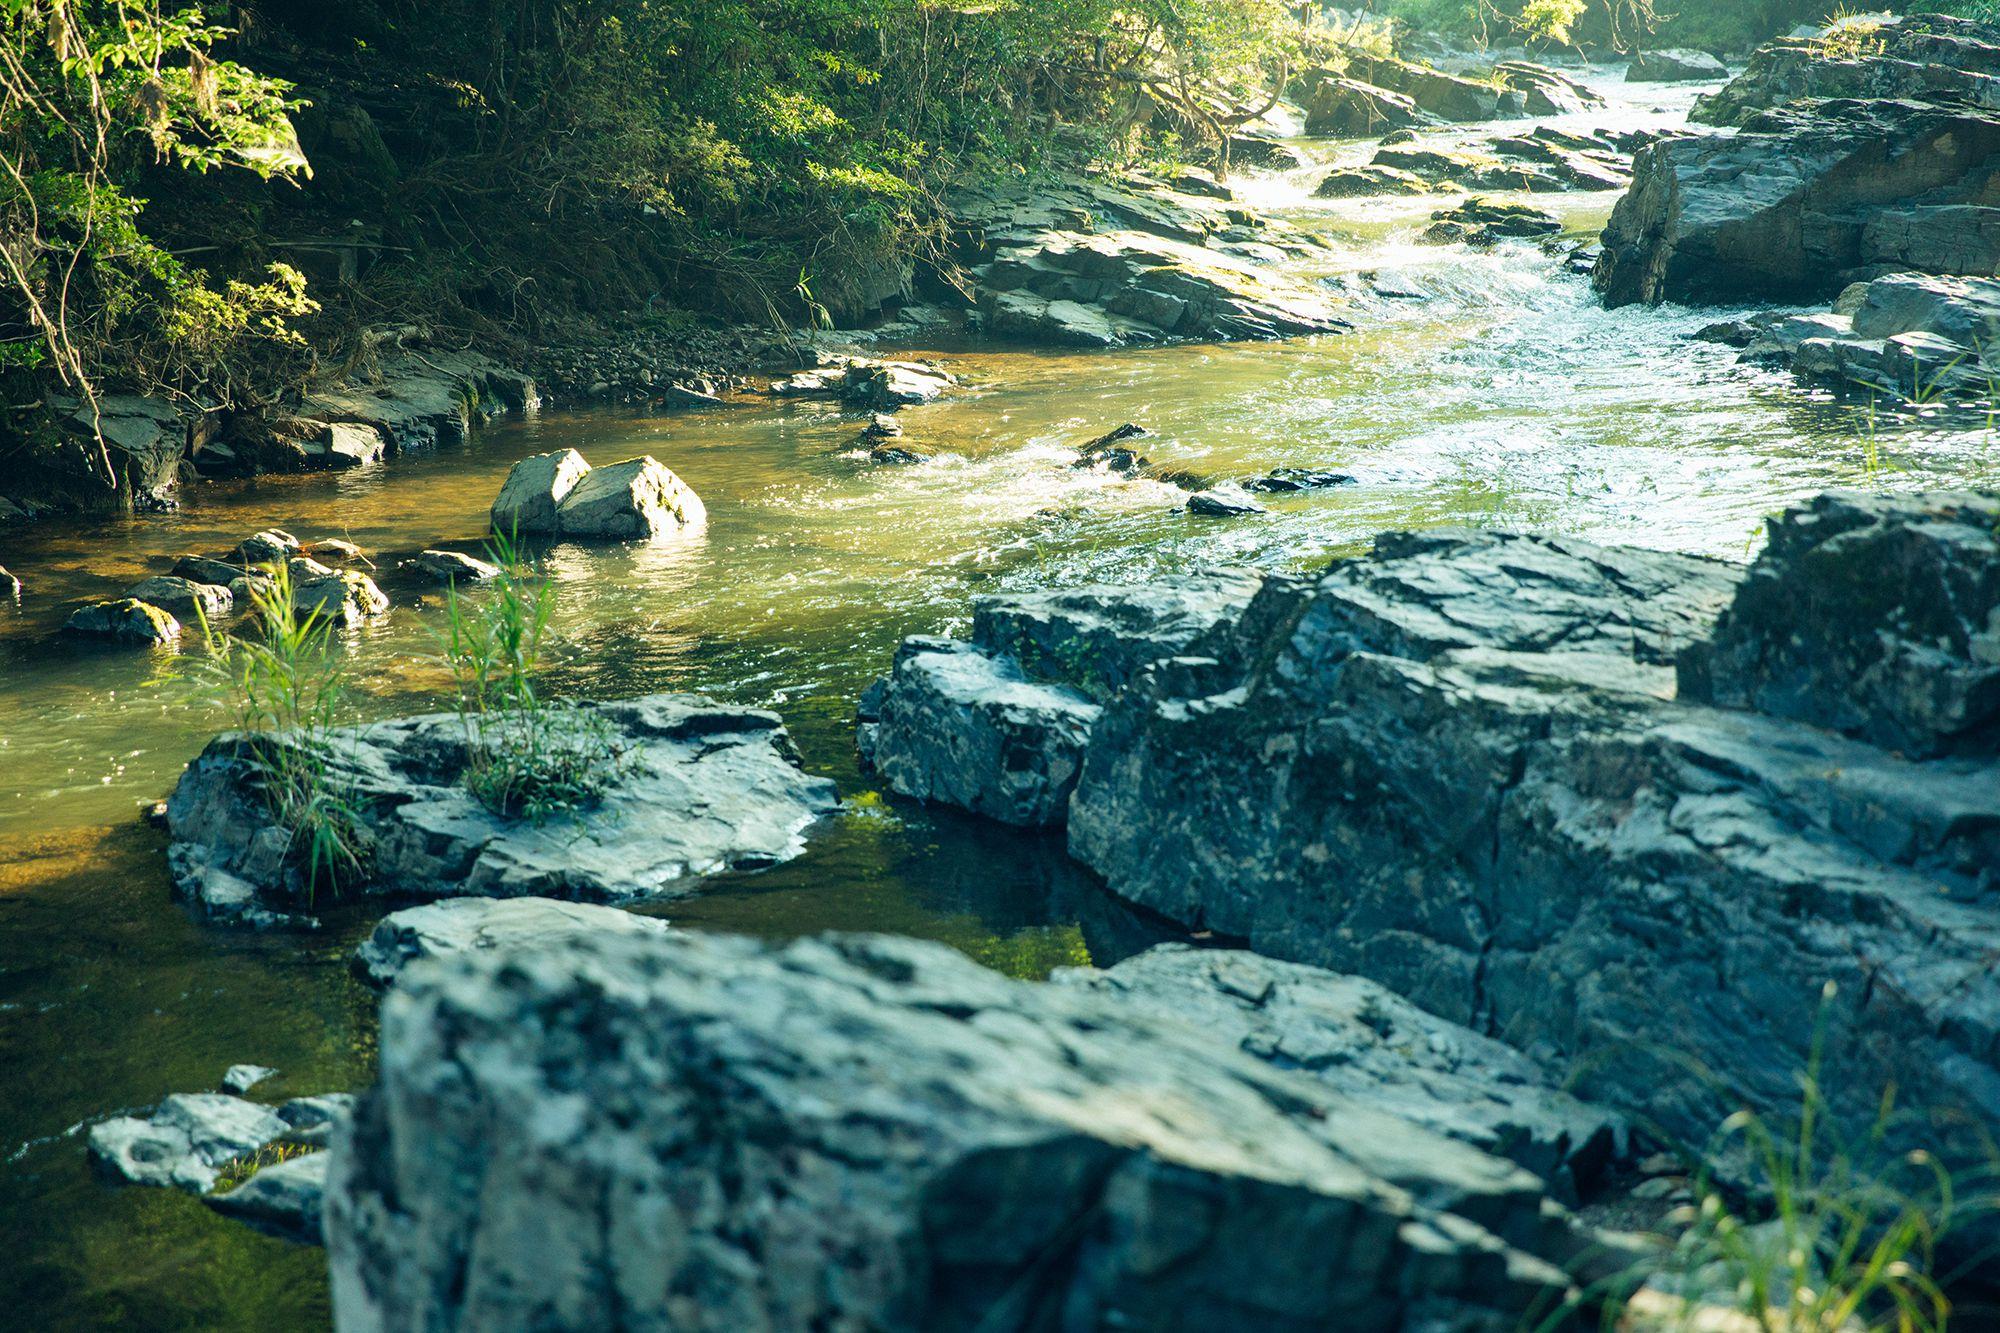 すぐそばには、オオサンショウウオが生息するという、清らかな椋梨川(むくなしがわ)がある。